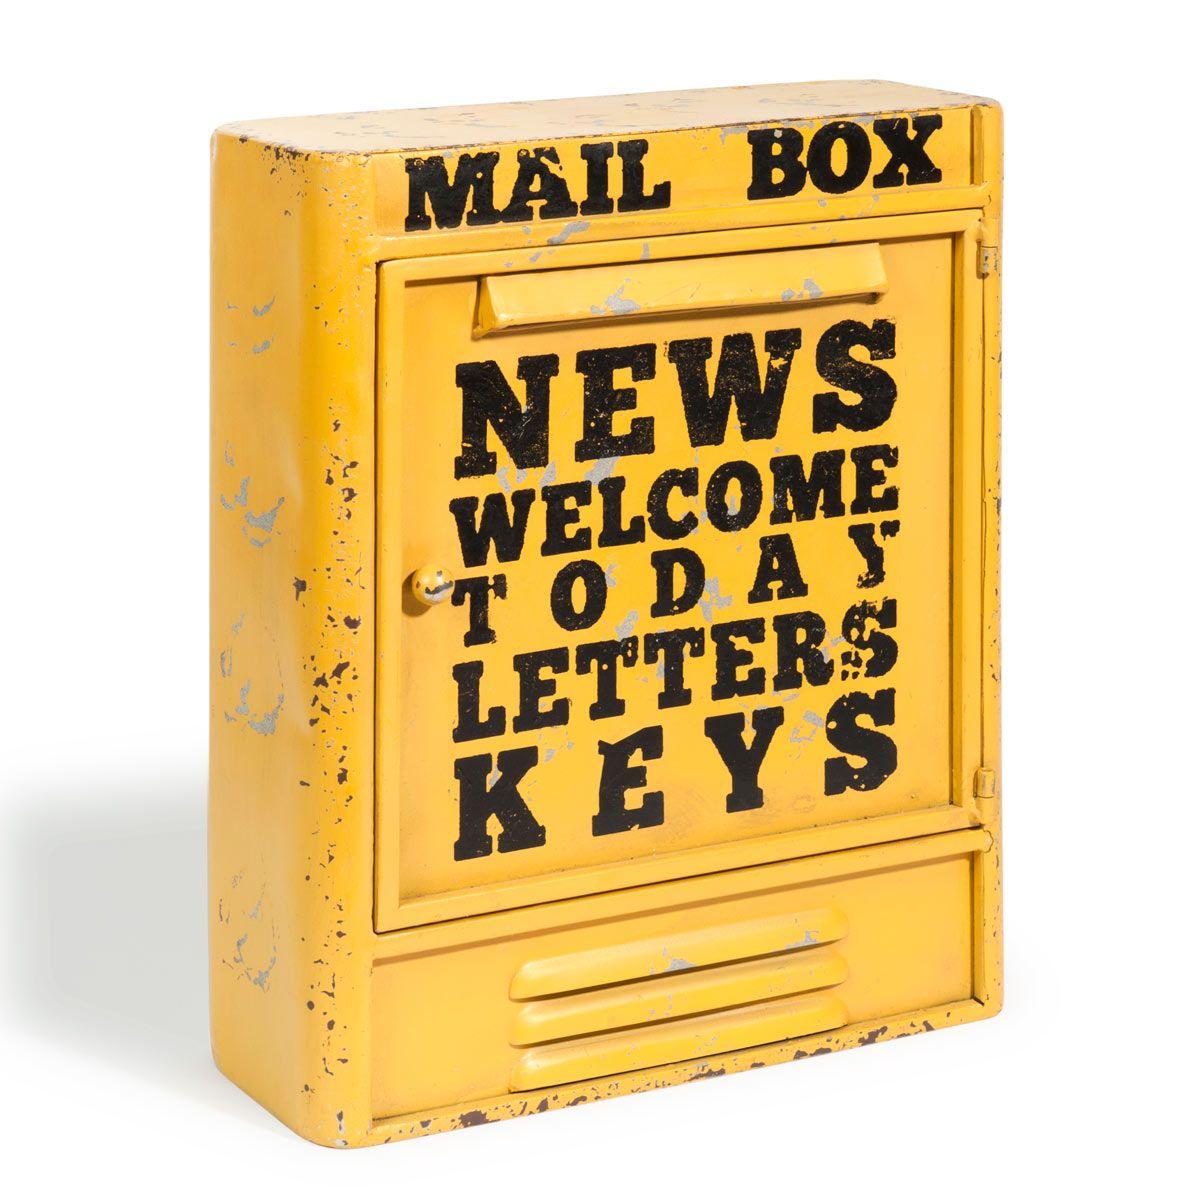 Portagioie E Scatole Key Box Decorative Storage Boxes Decorative Storage